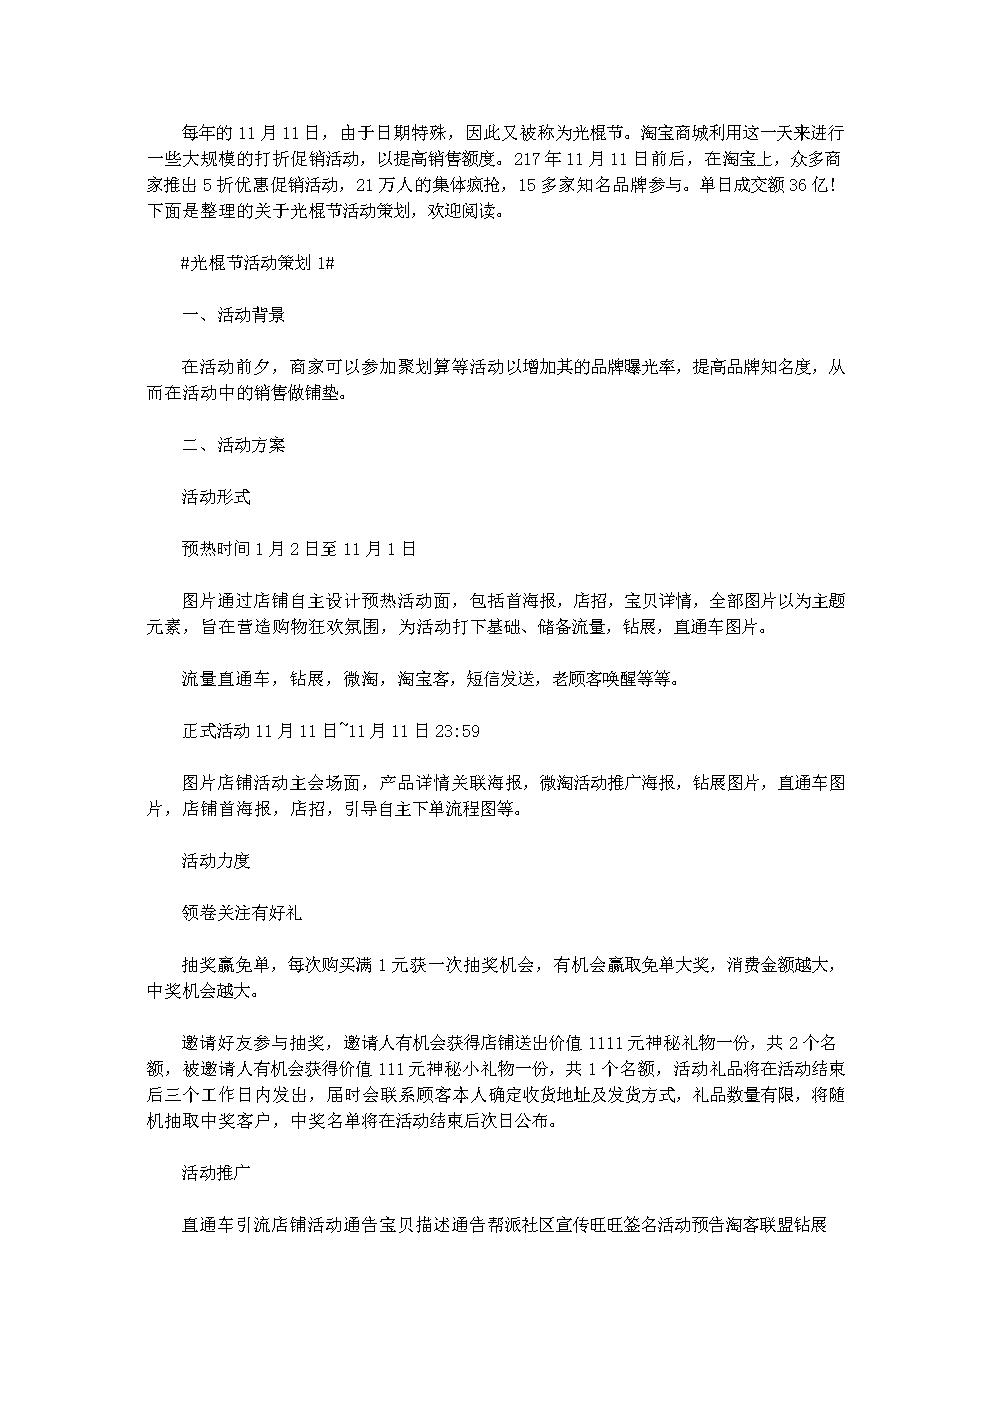 双十一活动策划光棍节文档.doc